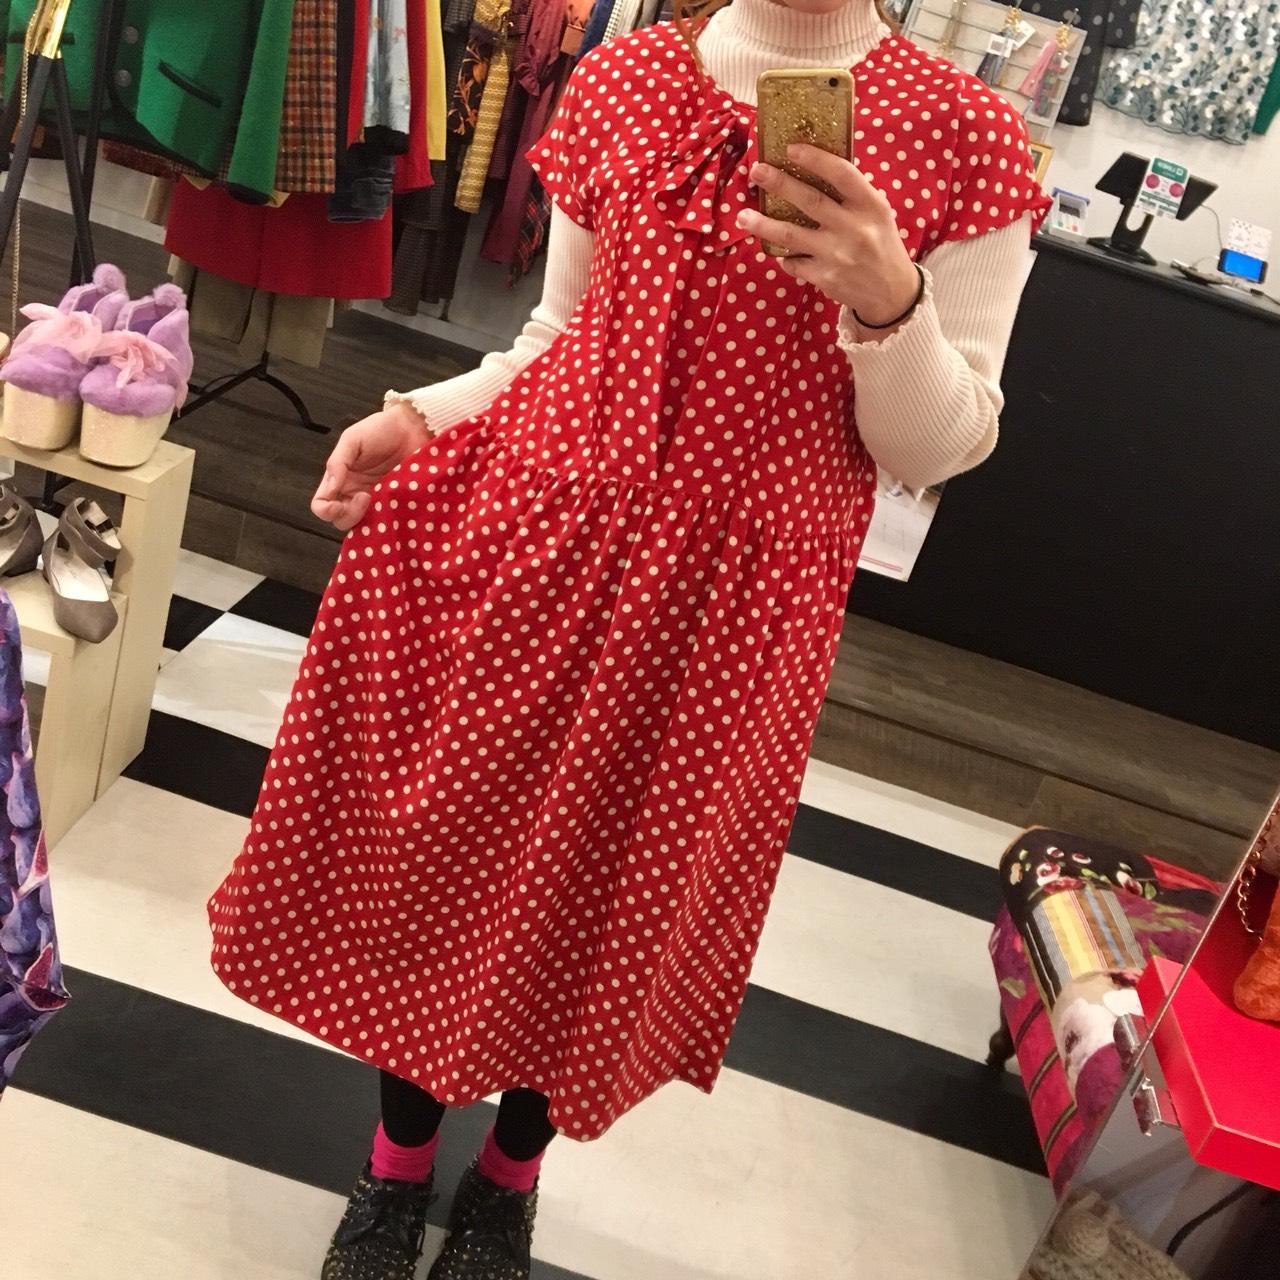 春ワンピース♪2月2日~販売開始◎ピンクハウスなどUSED古着たくさん入荷!